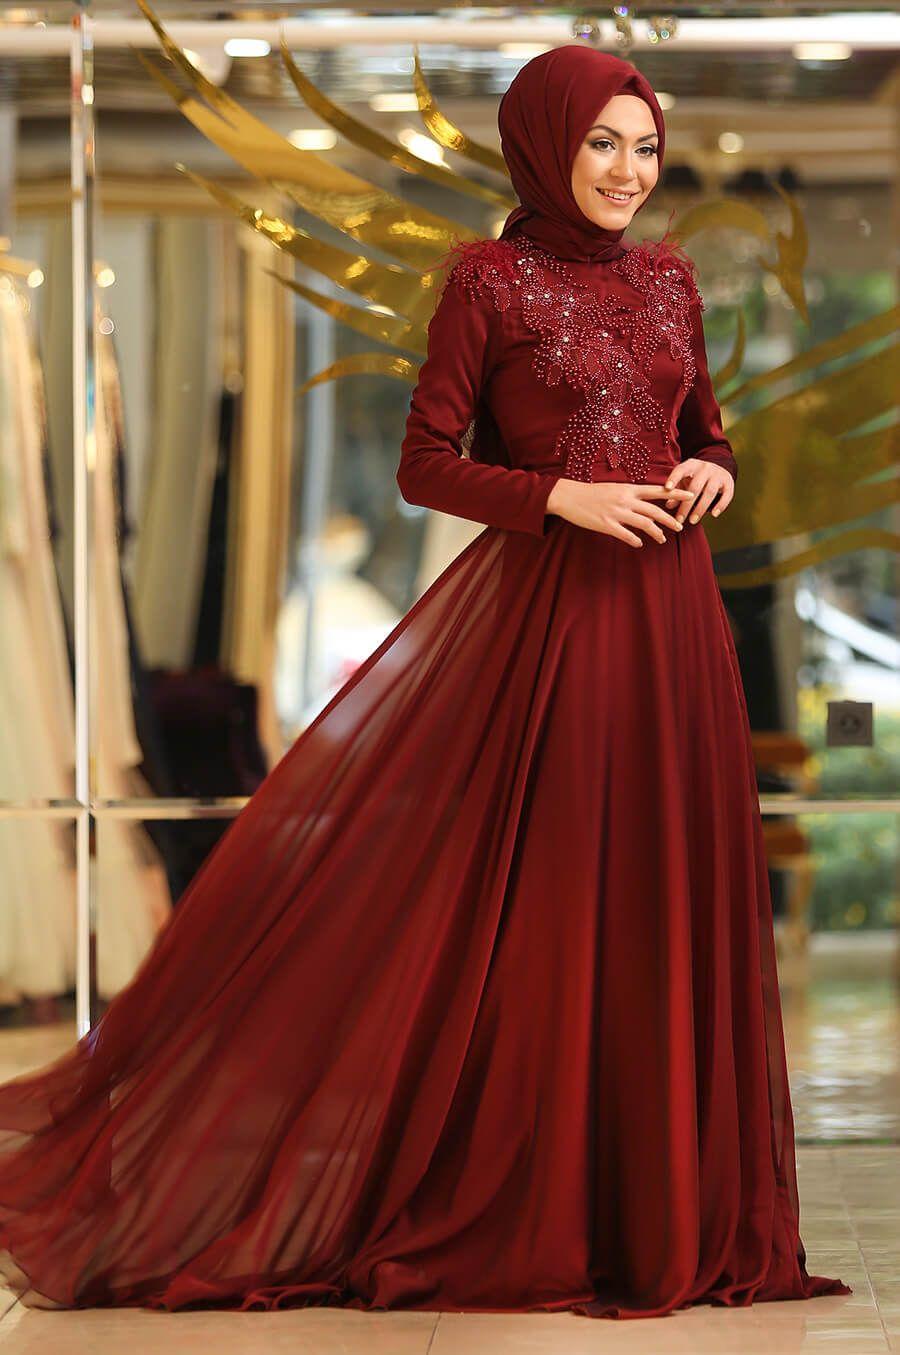 Minel Ask Tesettur Bordo Abiye Modelleri Moda Tesettur Giyim The Dress Kiyafet Giyim